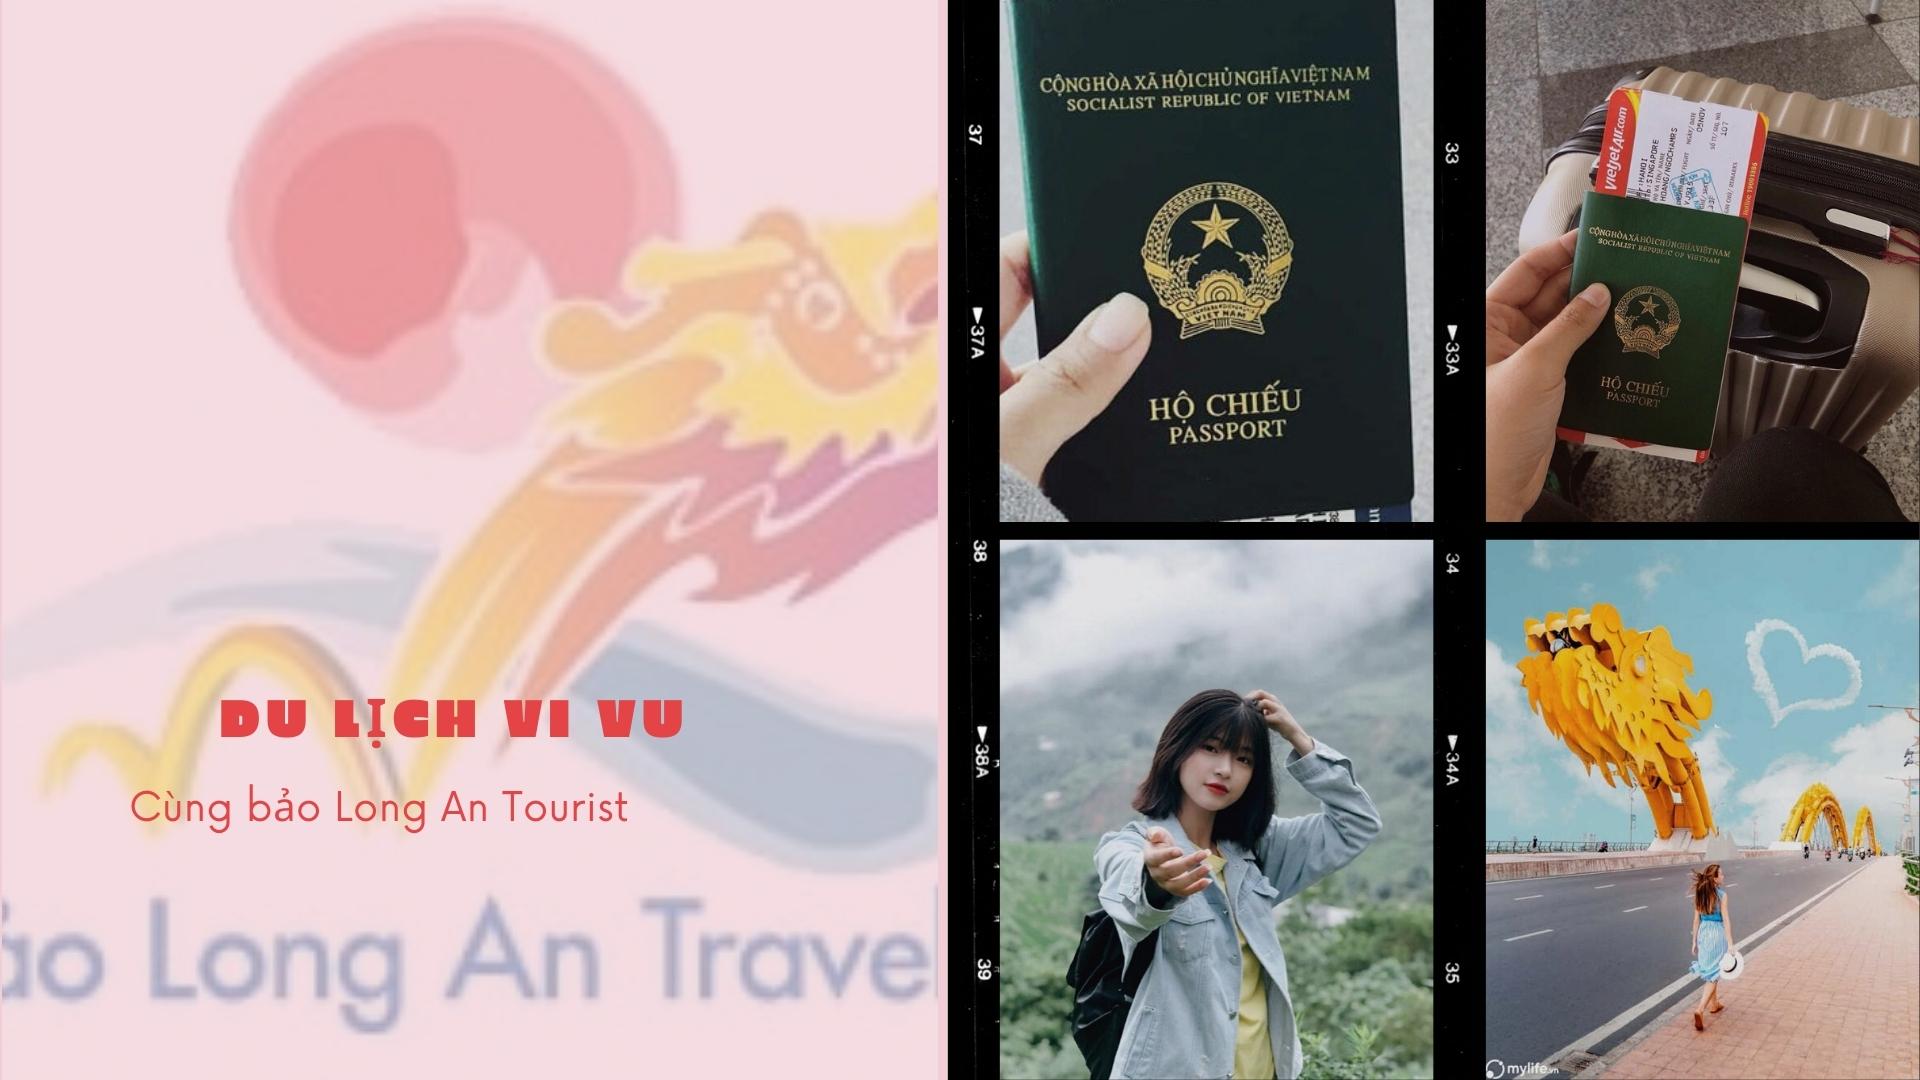 Hướng dẫn đầy đủ cách làm Passport (hộ chiếu) 2020